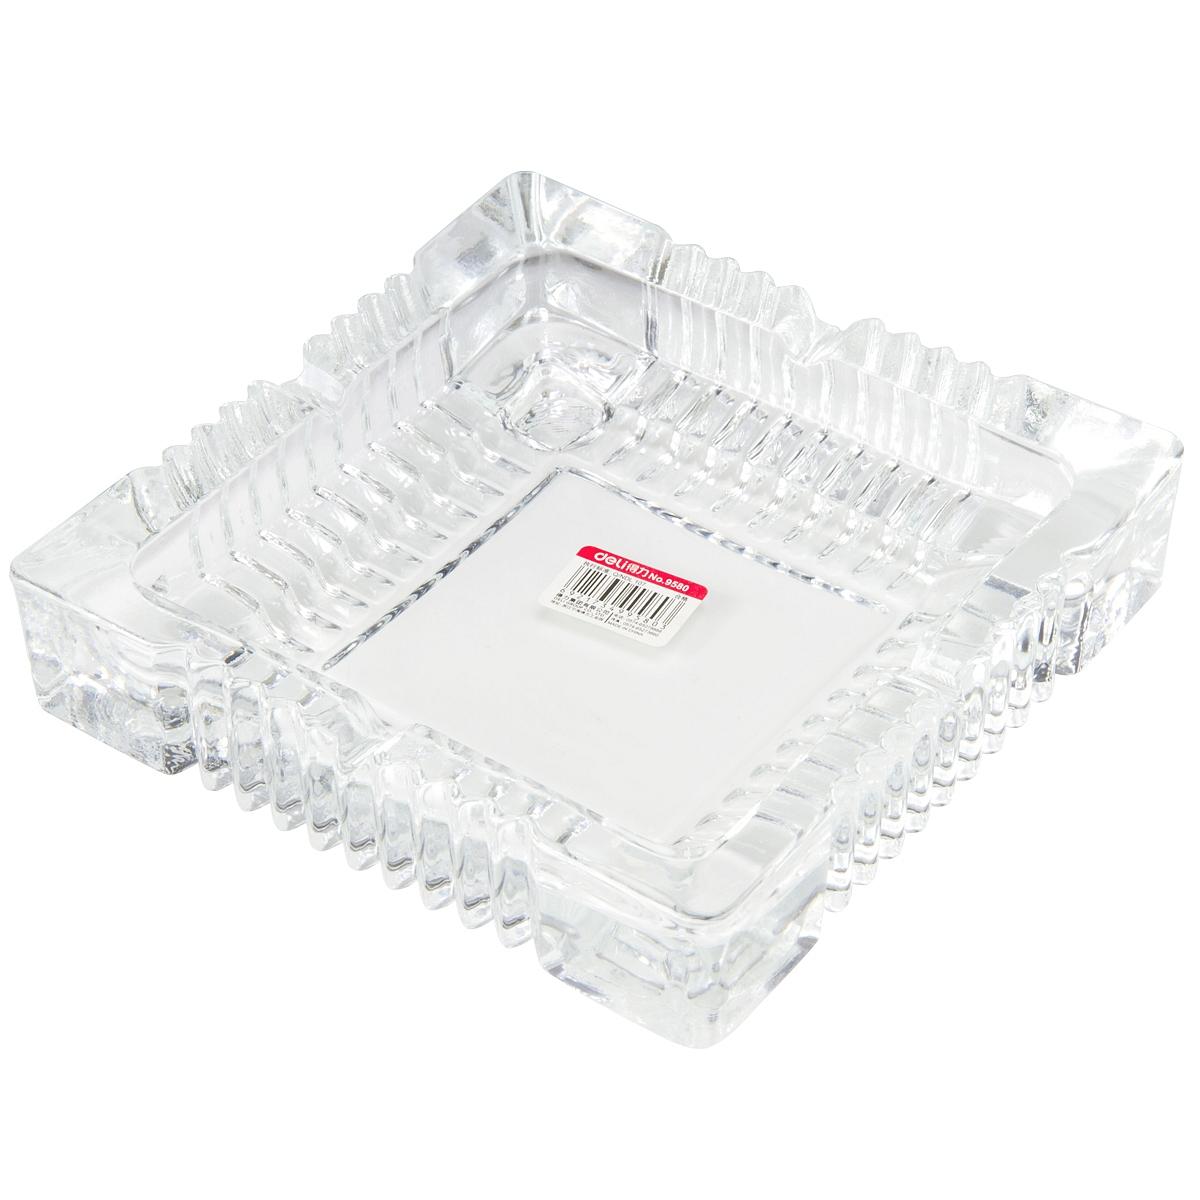 得力 9580 玻璃烟灰缸 (单位:只) 透明